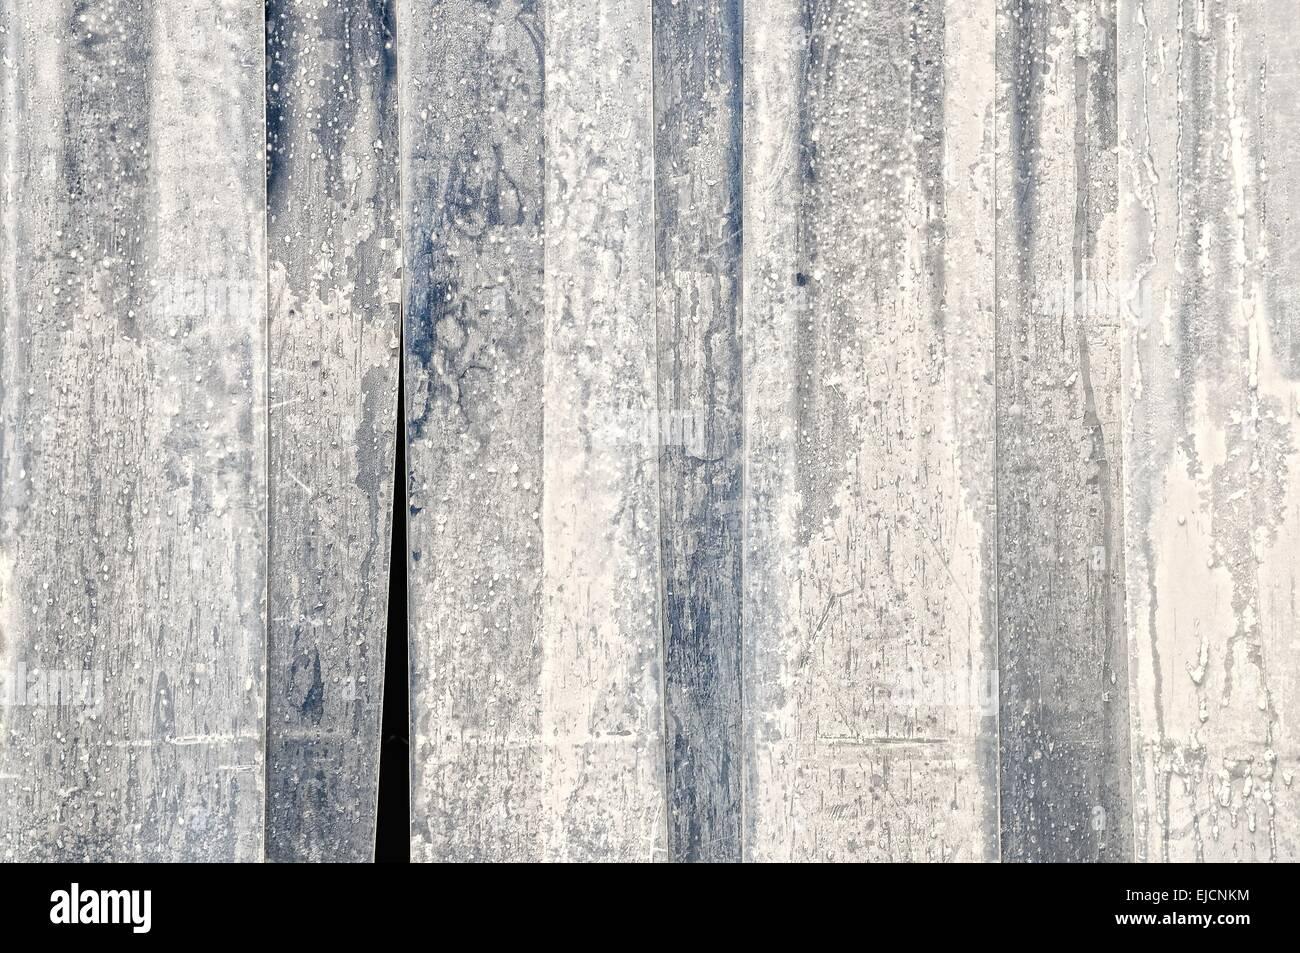 Kühlschrank Querformat : Kühlschrank heizen und kühlen sperre stockfoto bild: 80185720 alamy